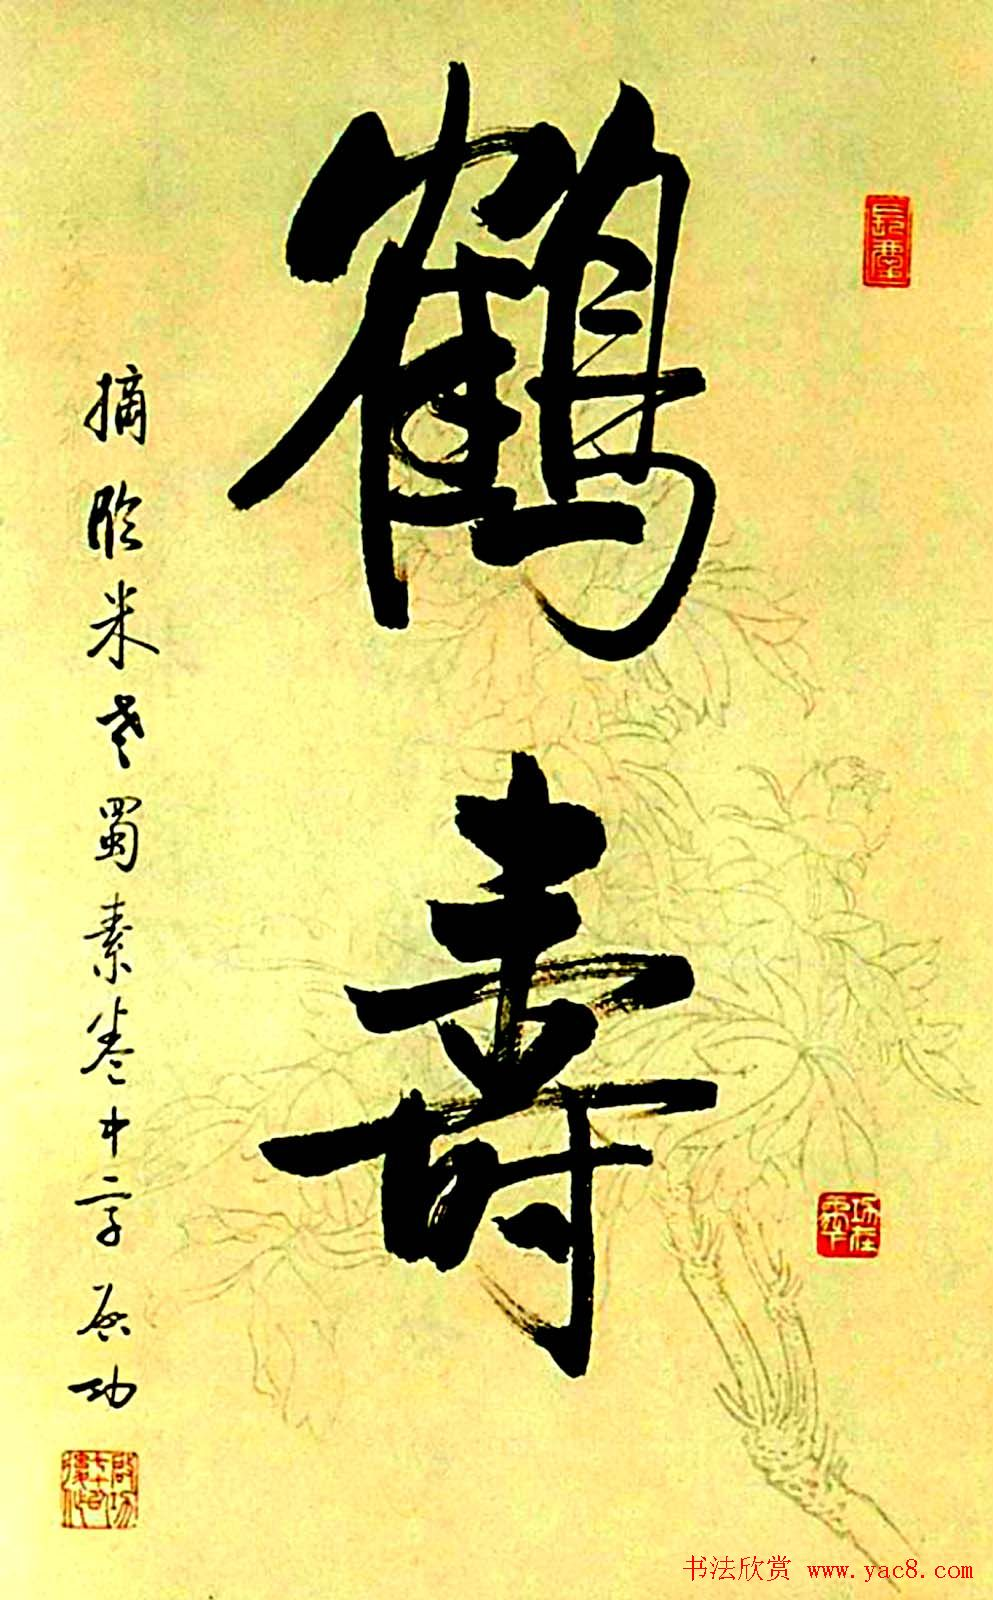 名家书写鹤寿书法作品48幅